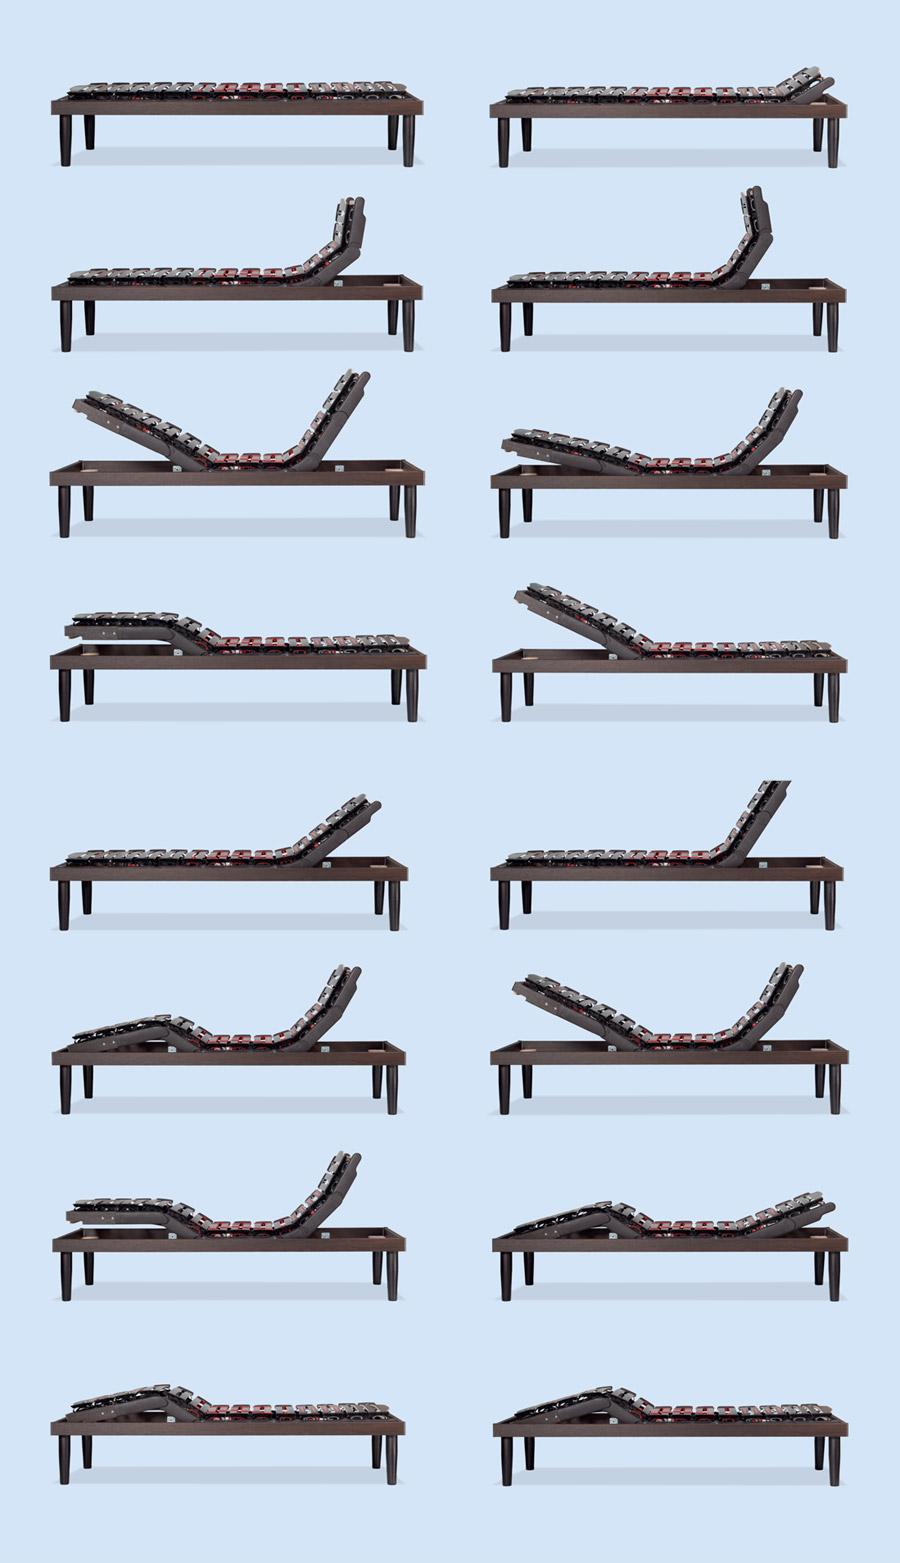 Mögliche Stellungen mit dem Unterfederung Ergomovie De Luxe